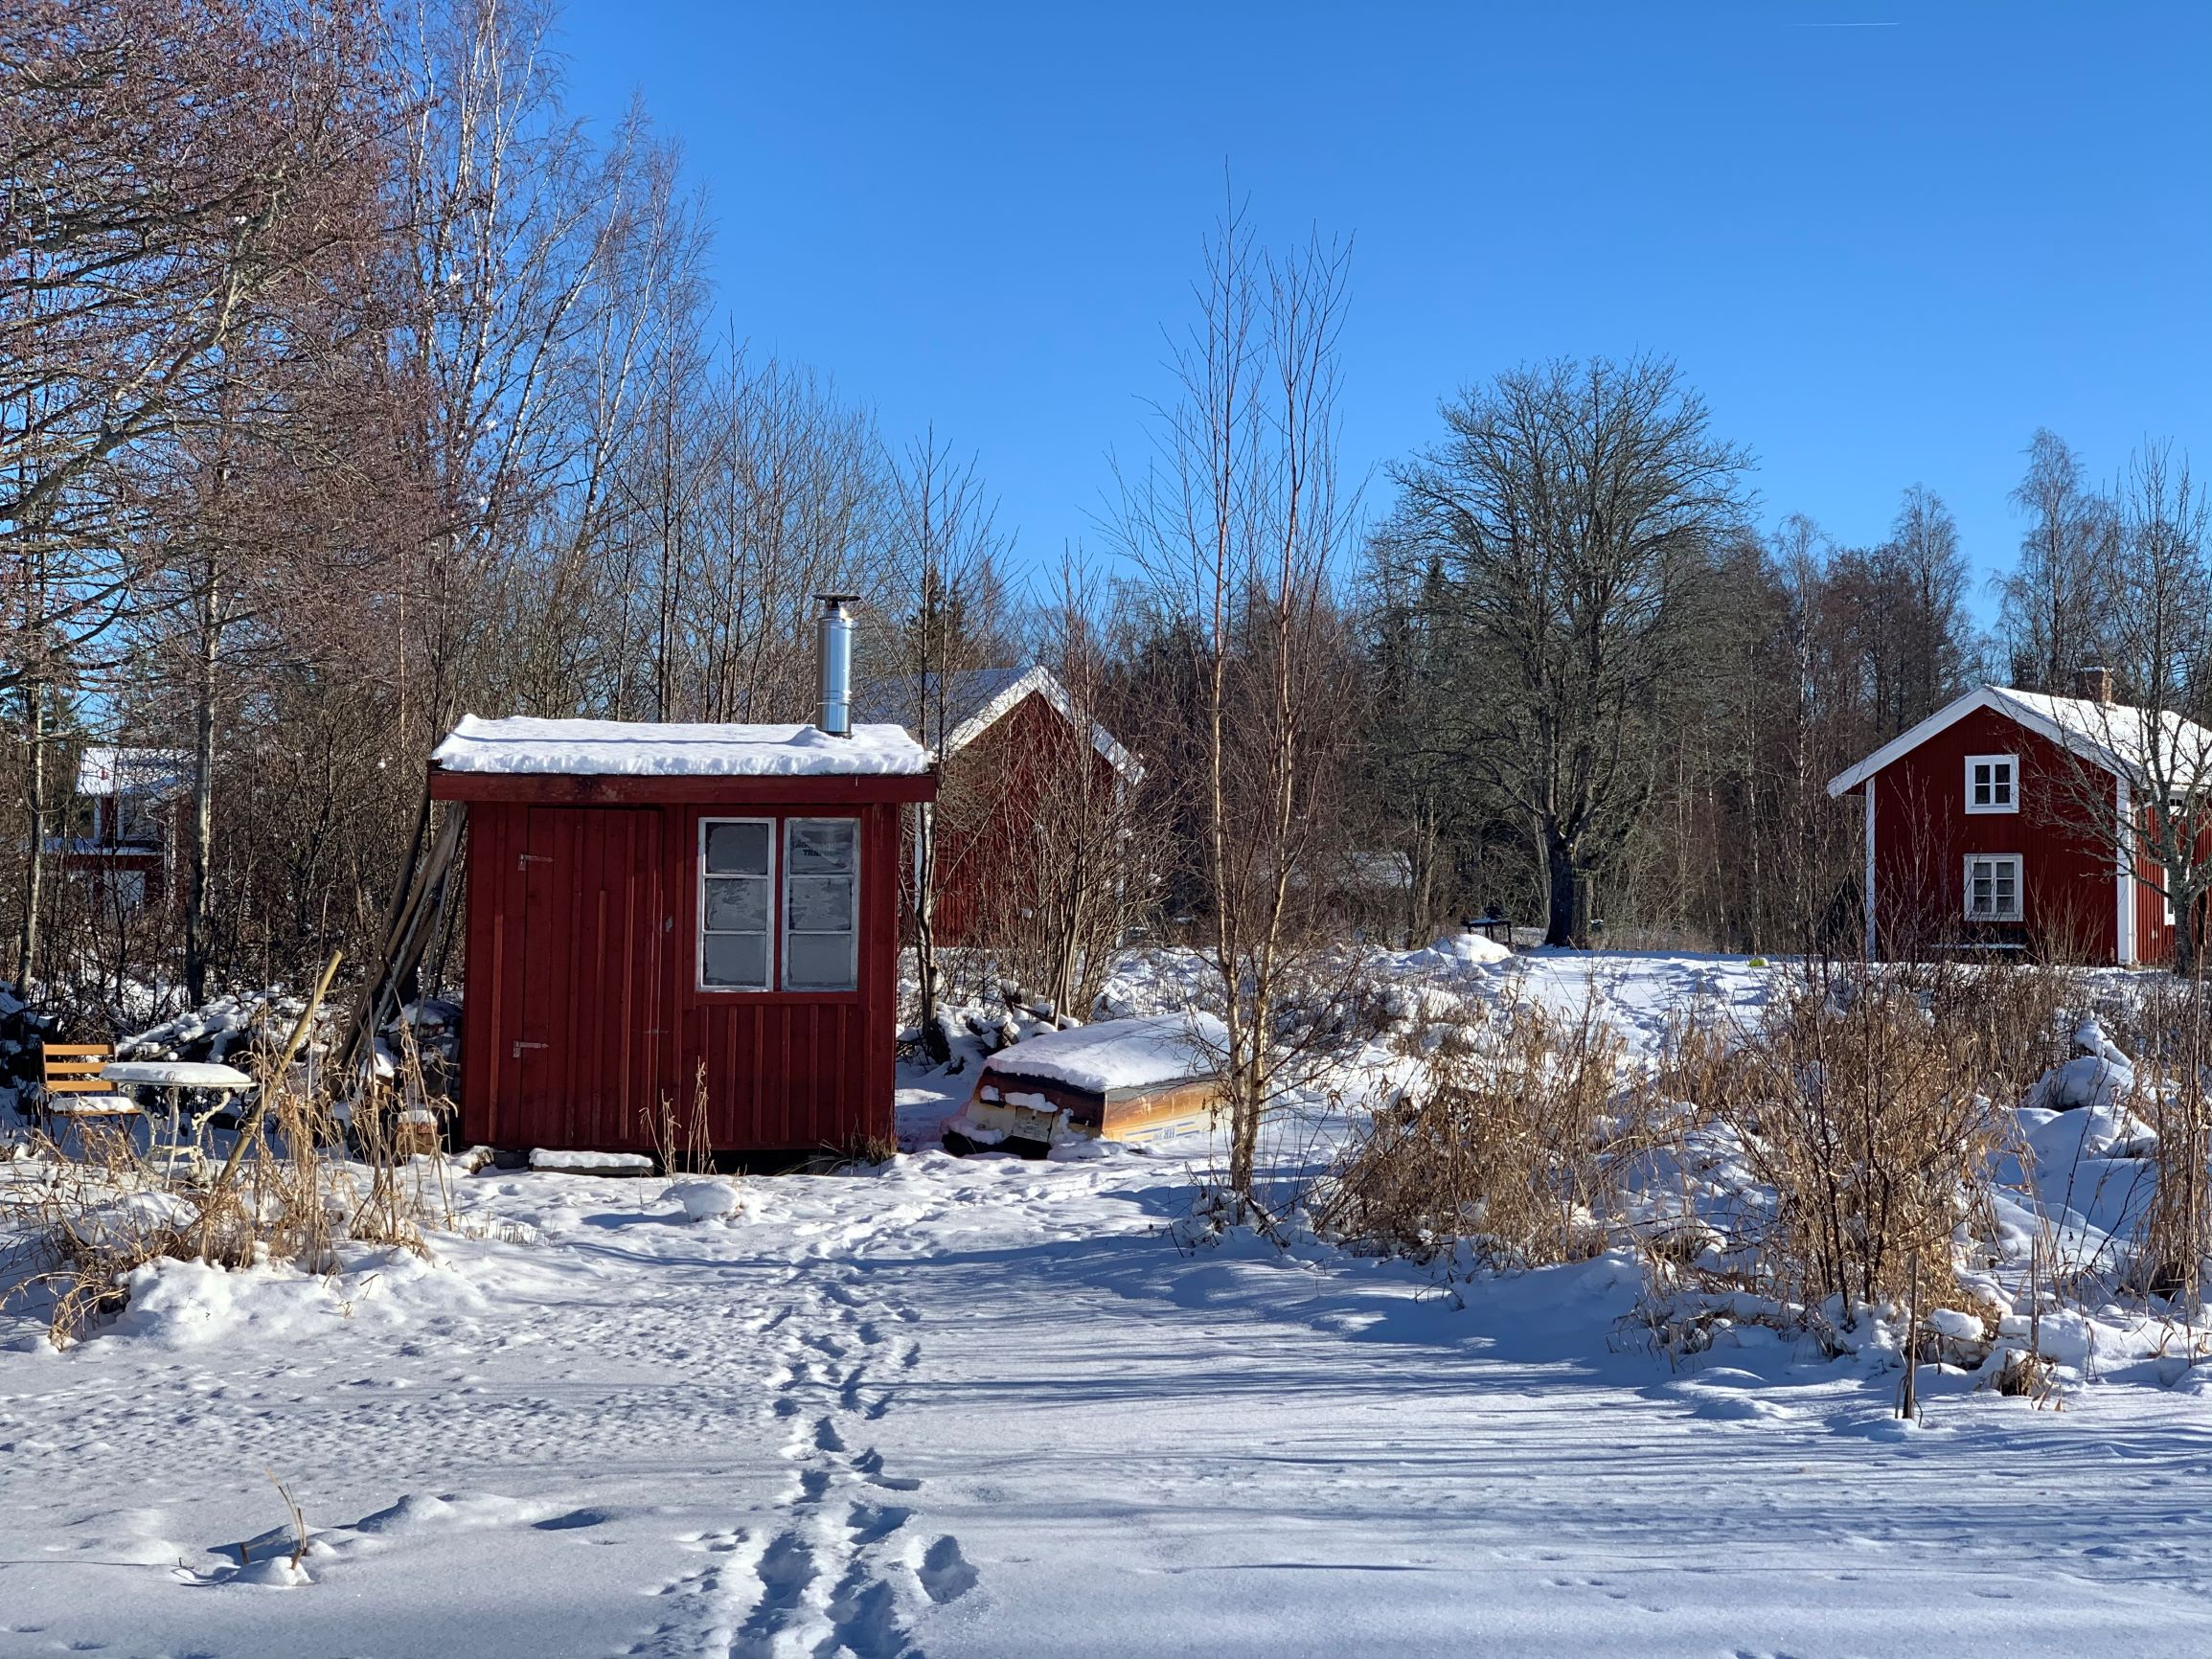 Torp Staveryd Blick Vom See Vrigstadsan Auf Eine Der Beiden Saunen Und Die Wohnhäuser